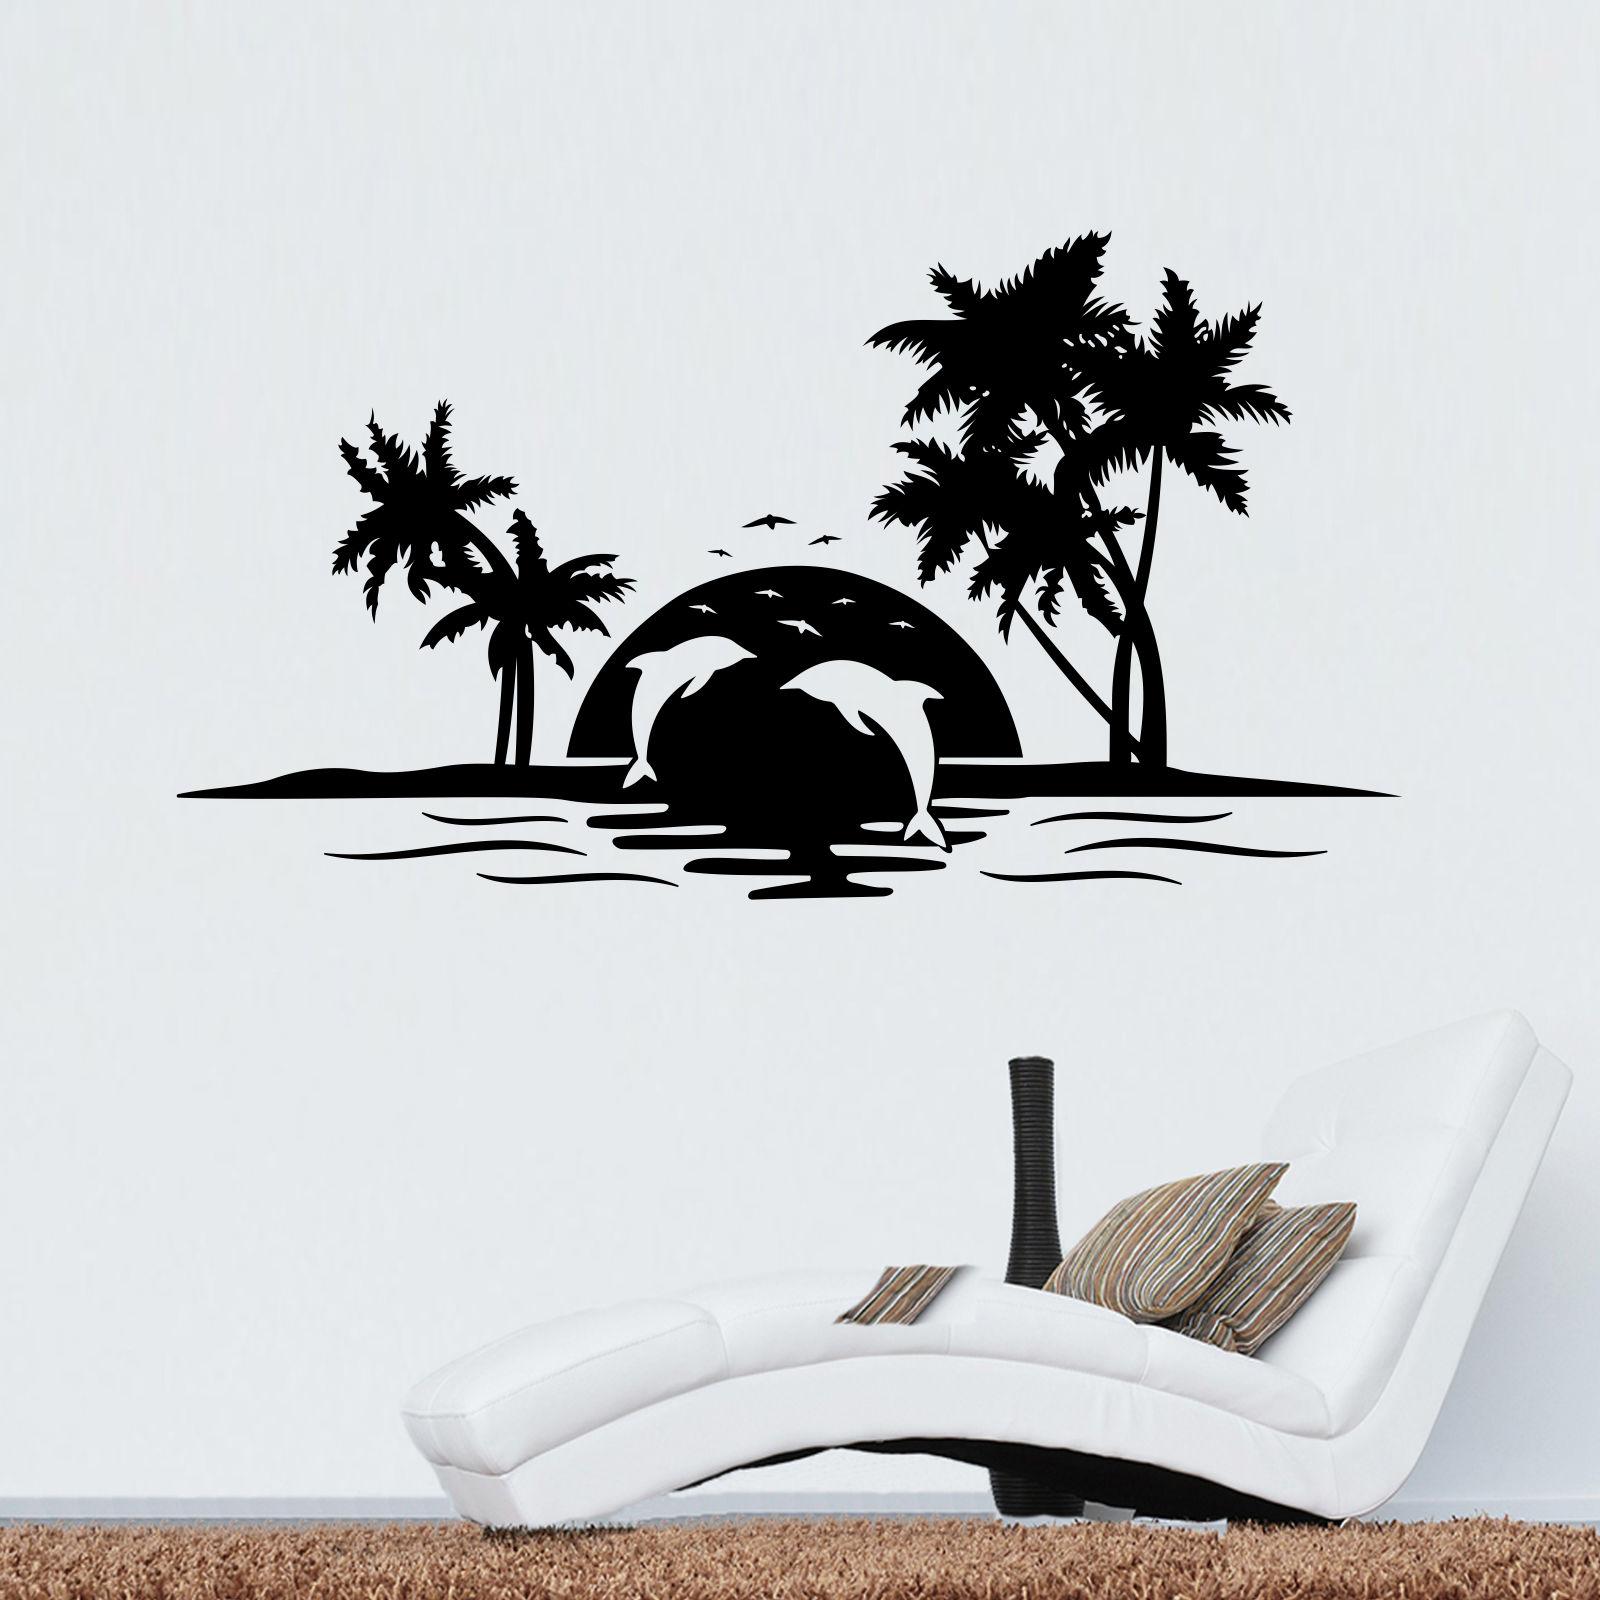 Gr/ö/ße 8 x 3,5 x 30 cm passend f/ür 8 schmale Ordnerr/ücken Wallario Ordnerr/ücken Sticker Urlaub am Palmenstrand unter Palmen mit Fischerboot in Premiumqualit/ät